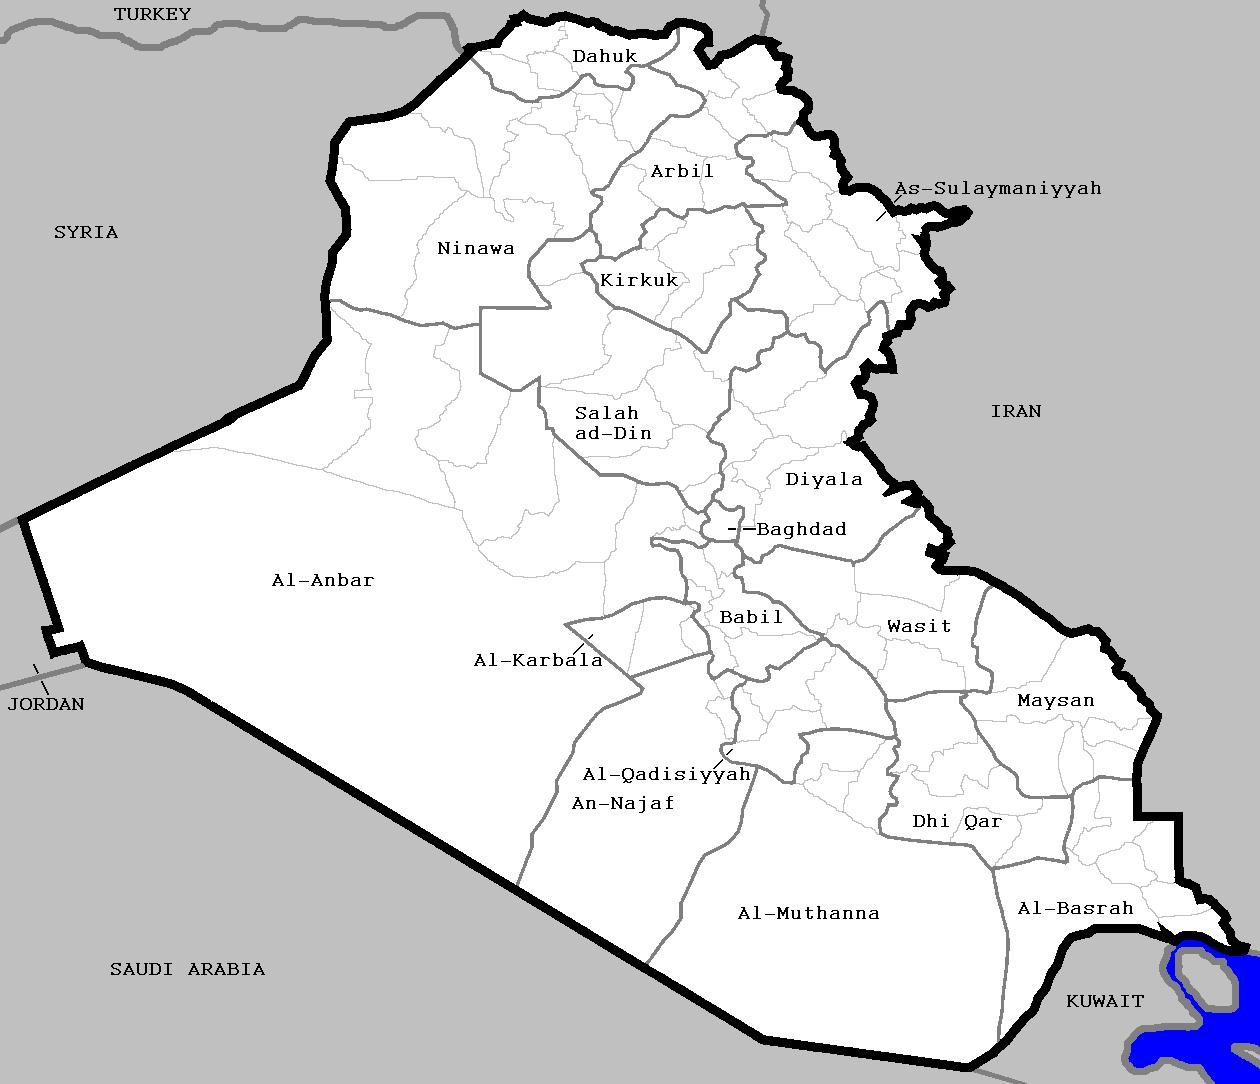 Iraks provinser. Anbarprovinsen gränsar till Syrien.